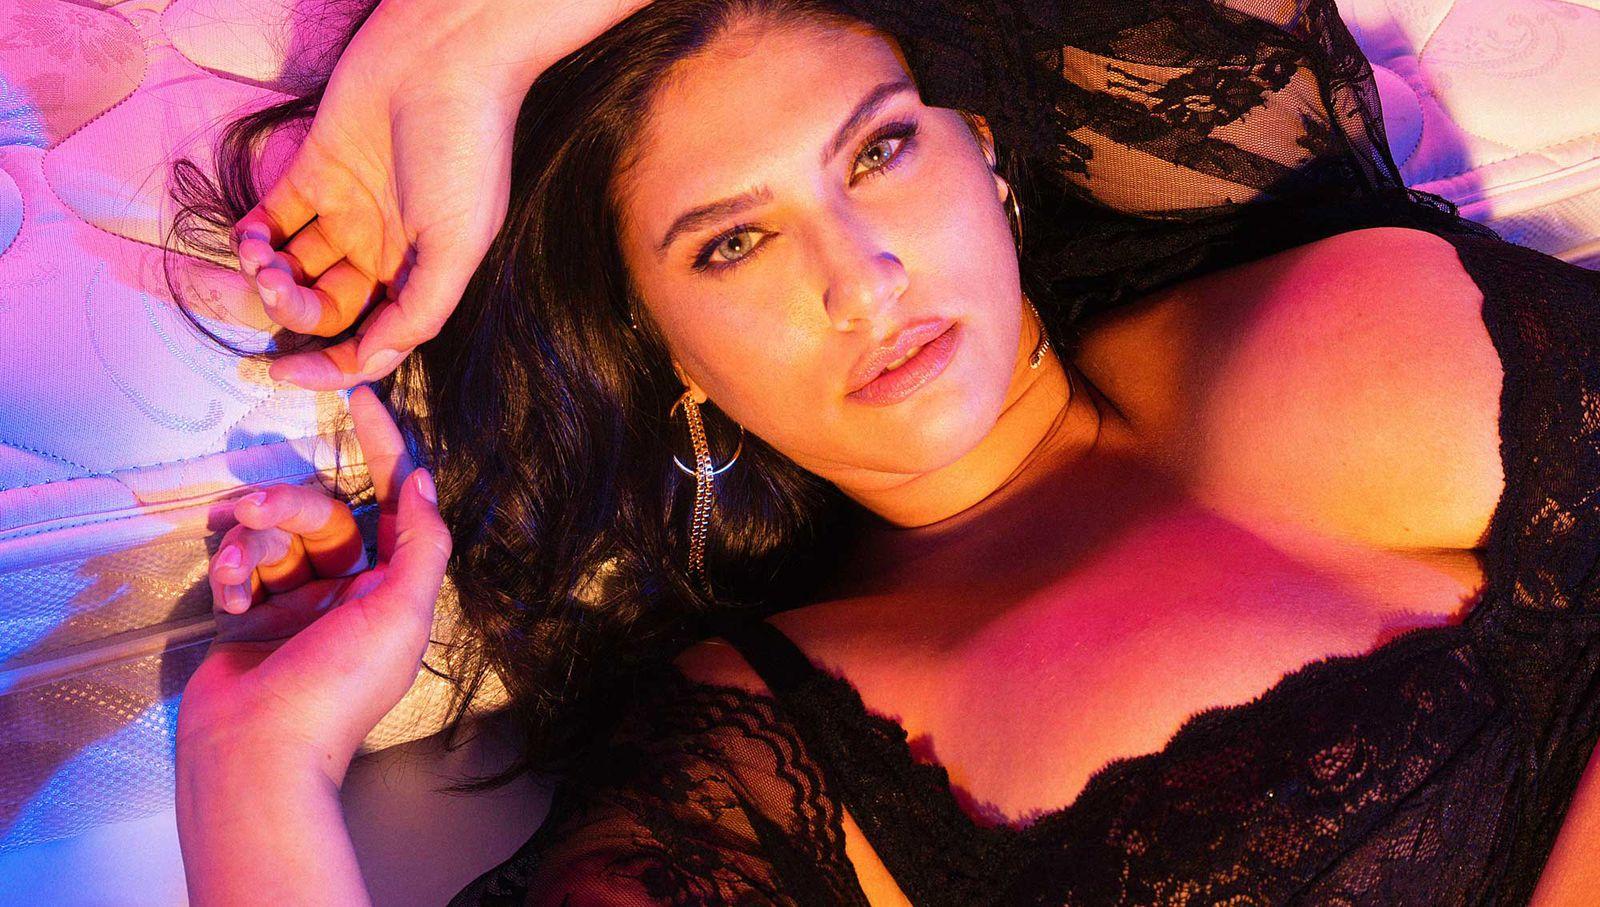 leticia cosmo love video.jpg